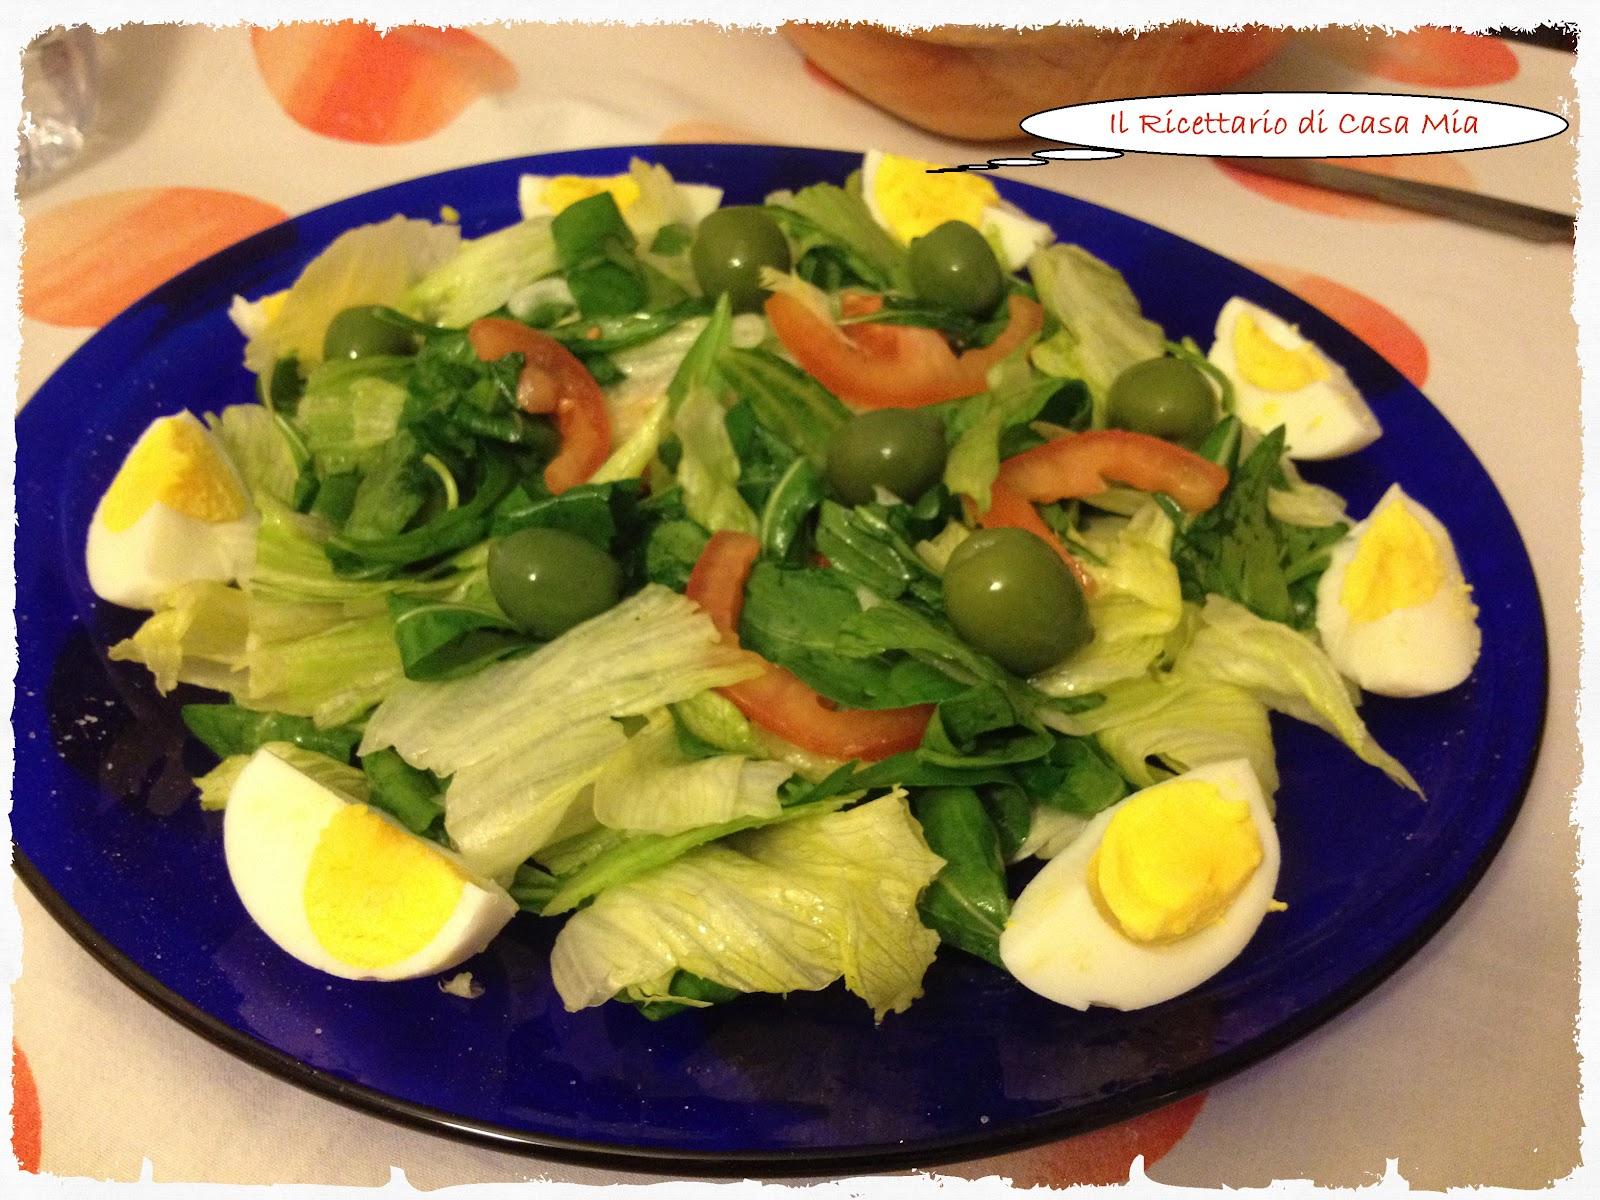 Il ricettario di casa mia insalata con uova sode for Cucinare uova sode